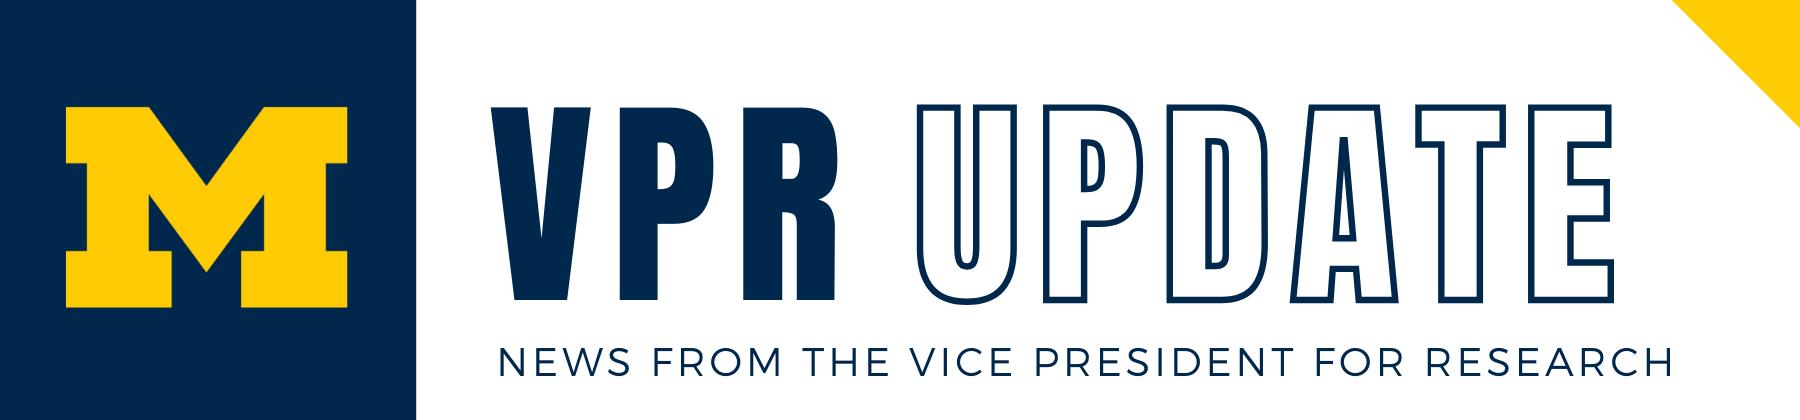 VPR Update